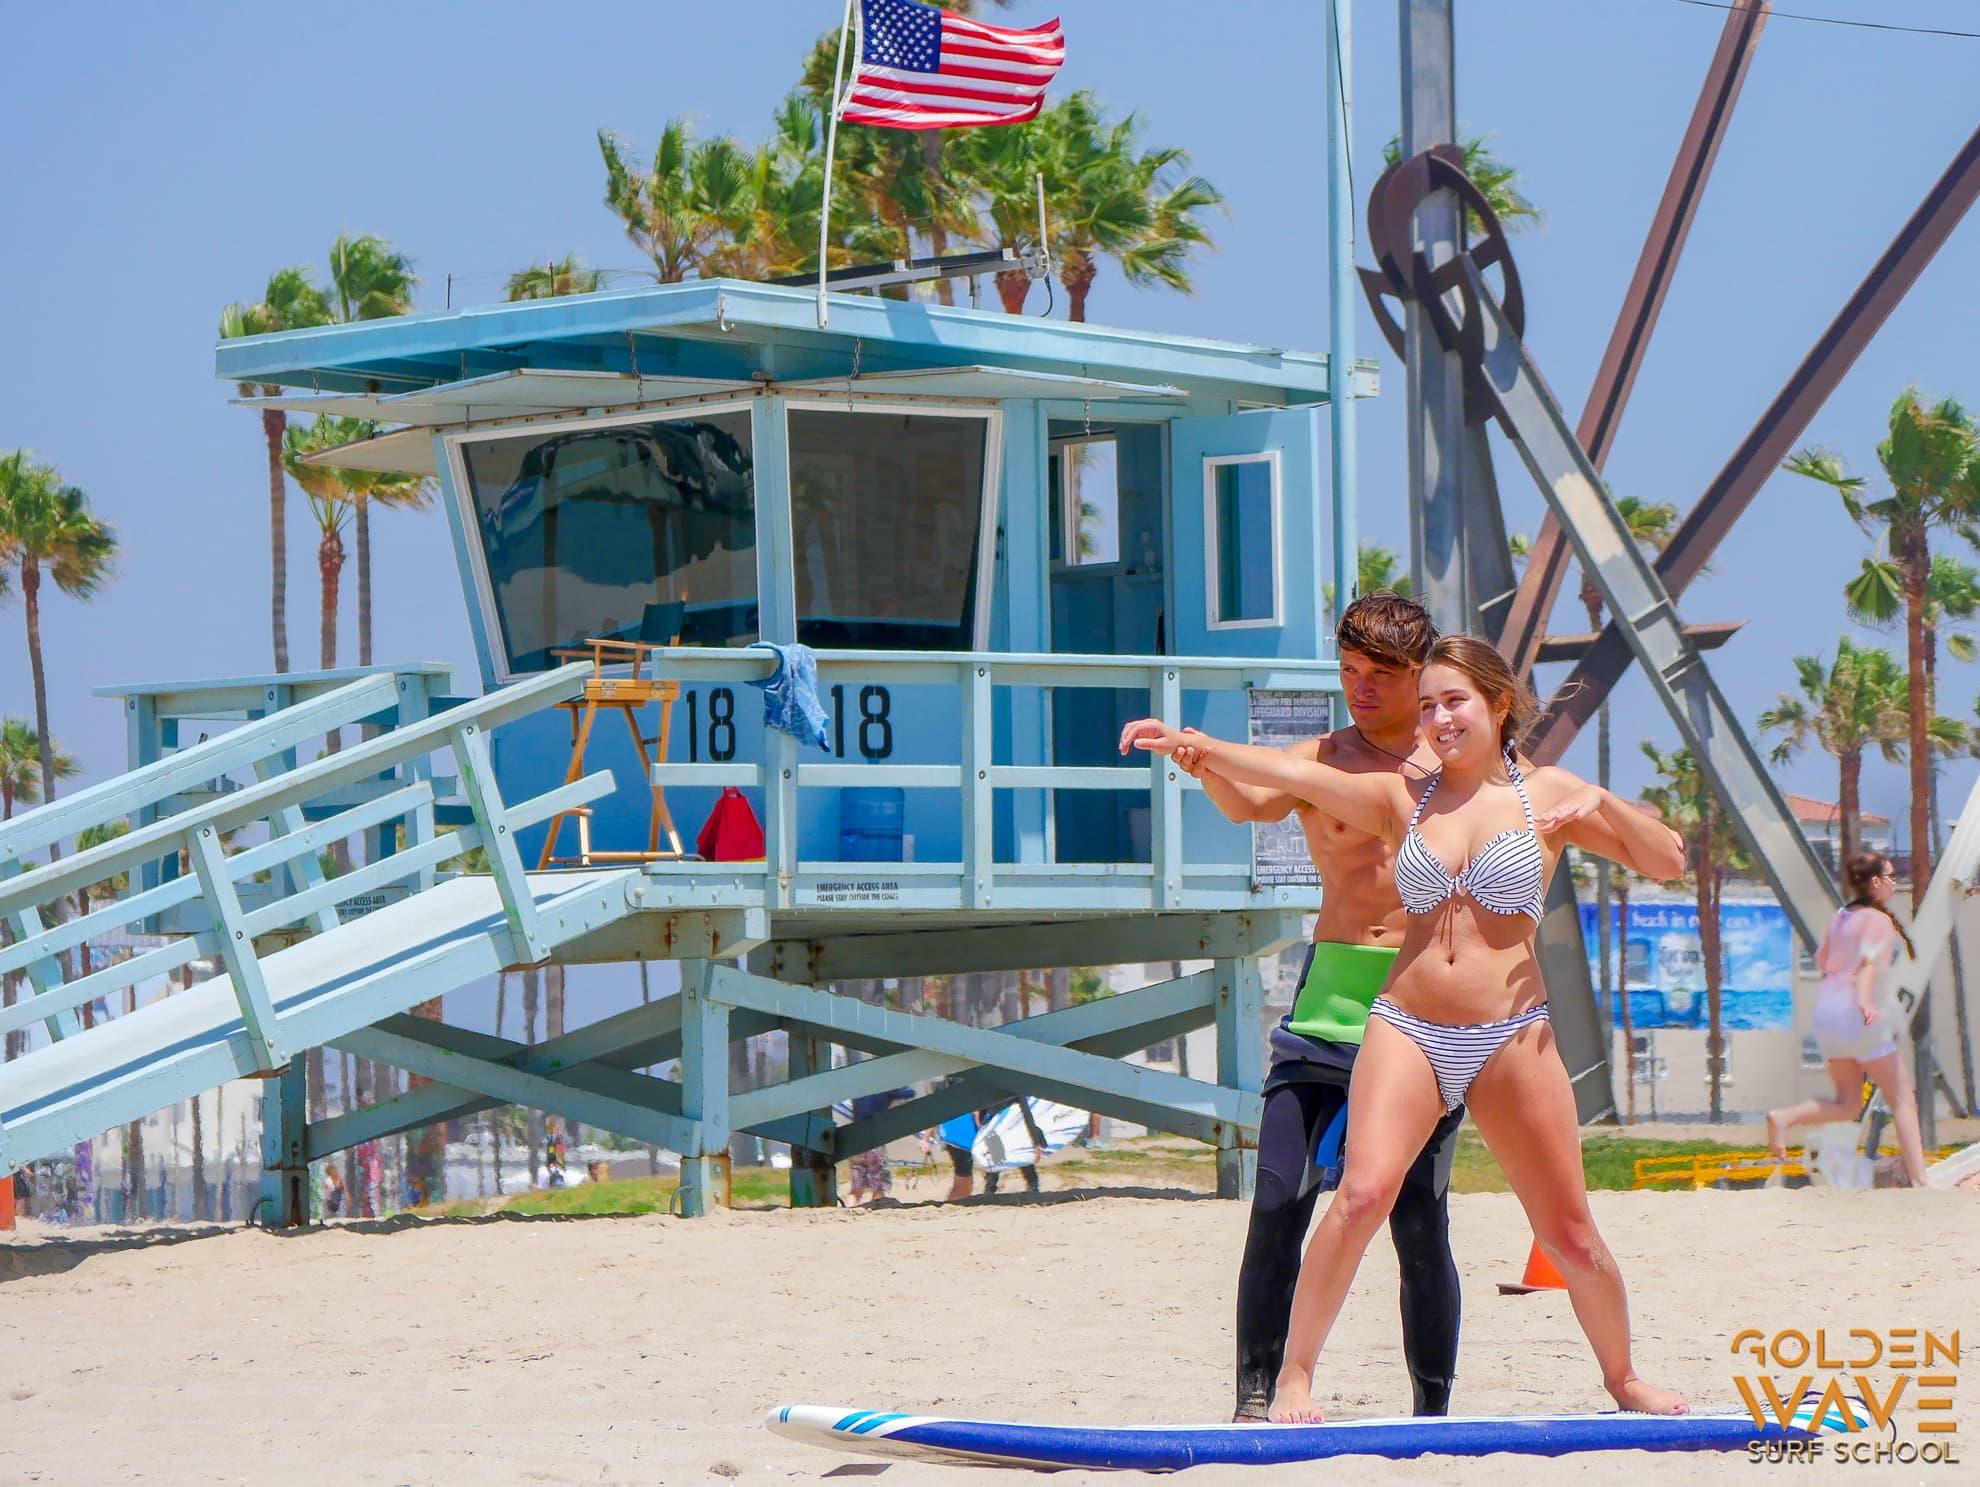 Урок серфинга с девушкой, обучение серфингу, лос анджелес